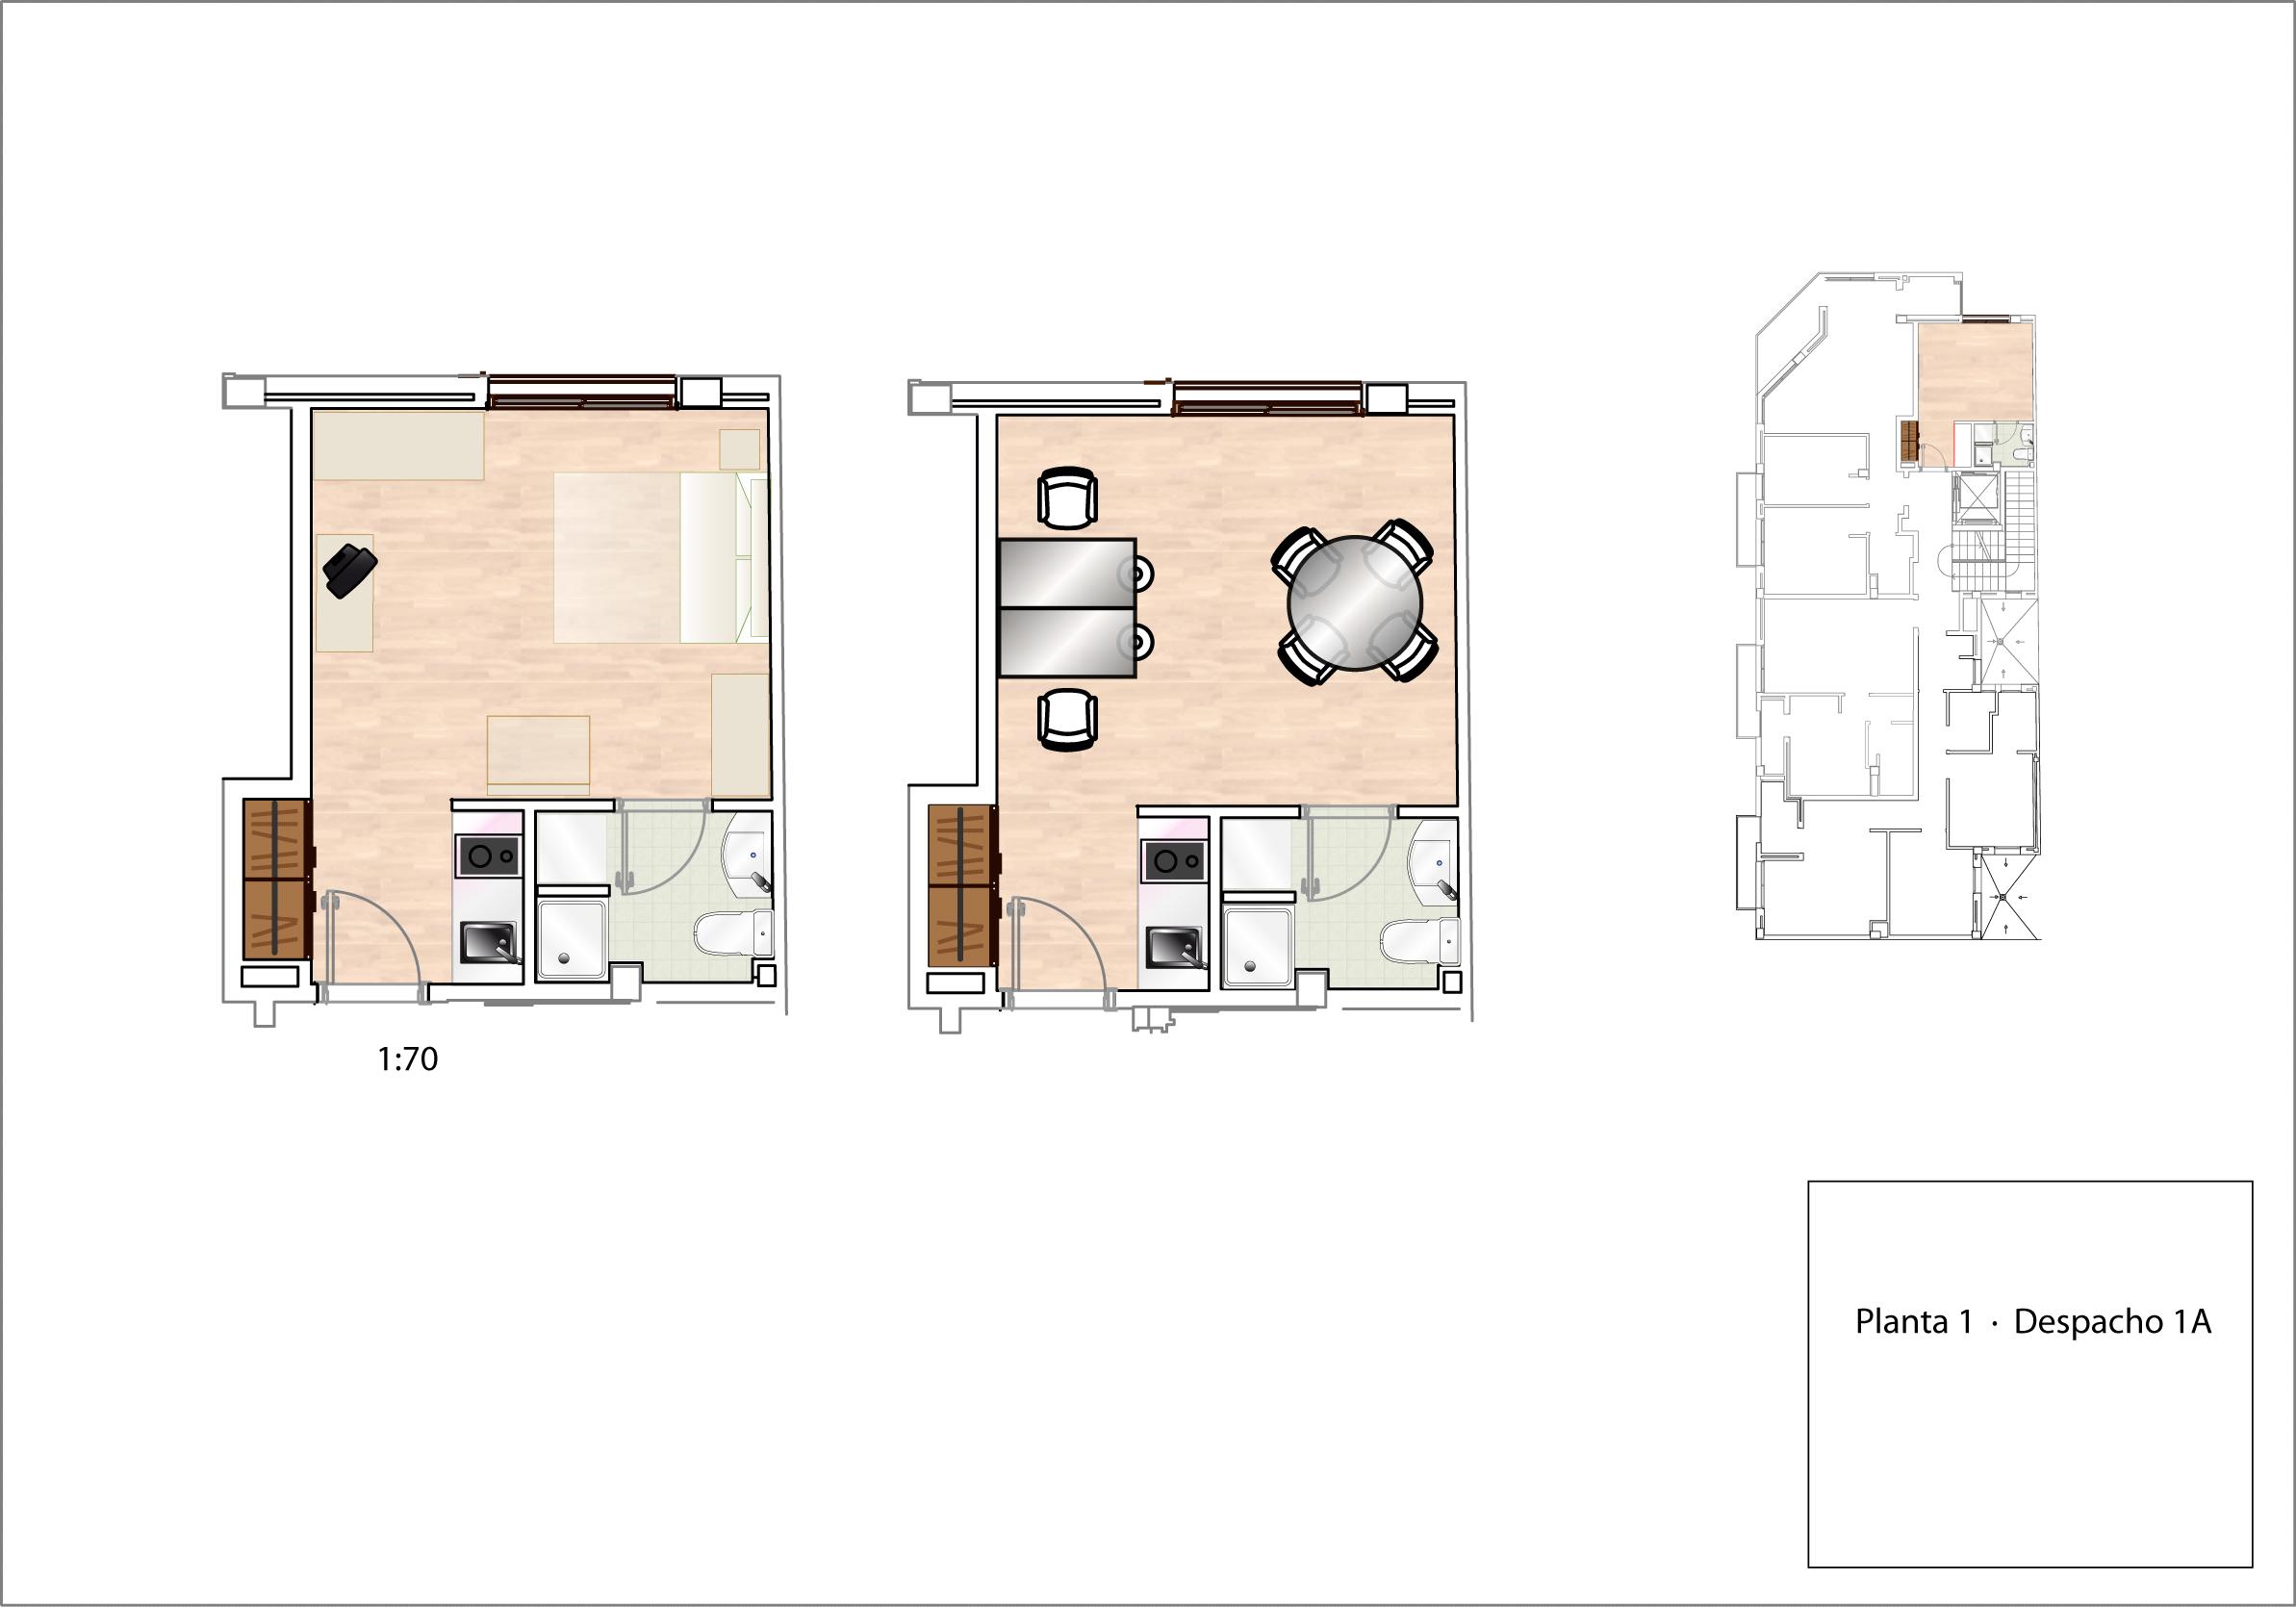 Plano Despacho/Estudio 1A - planta 1